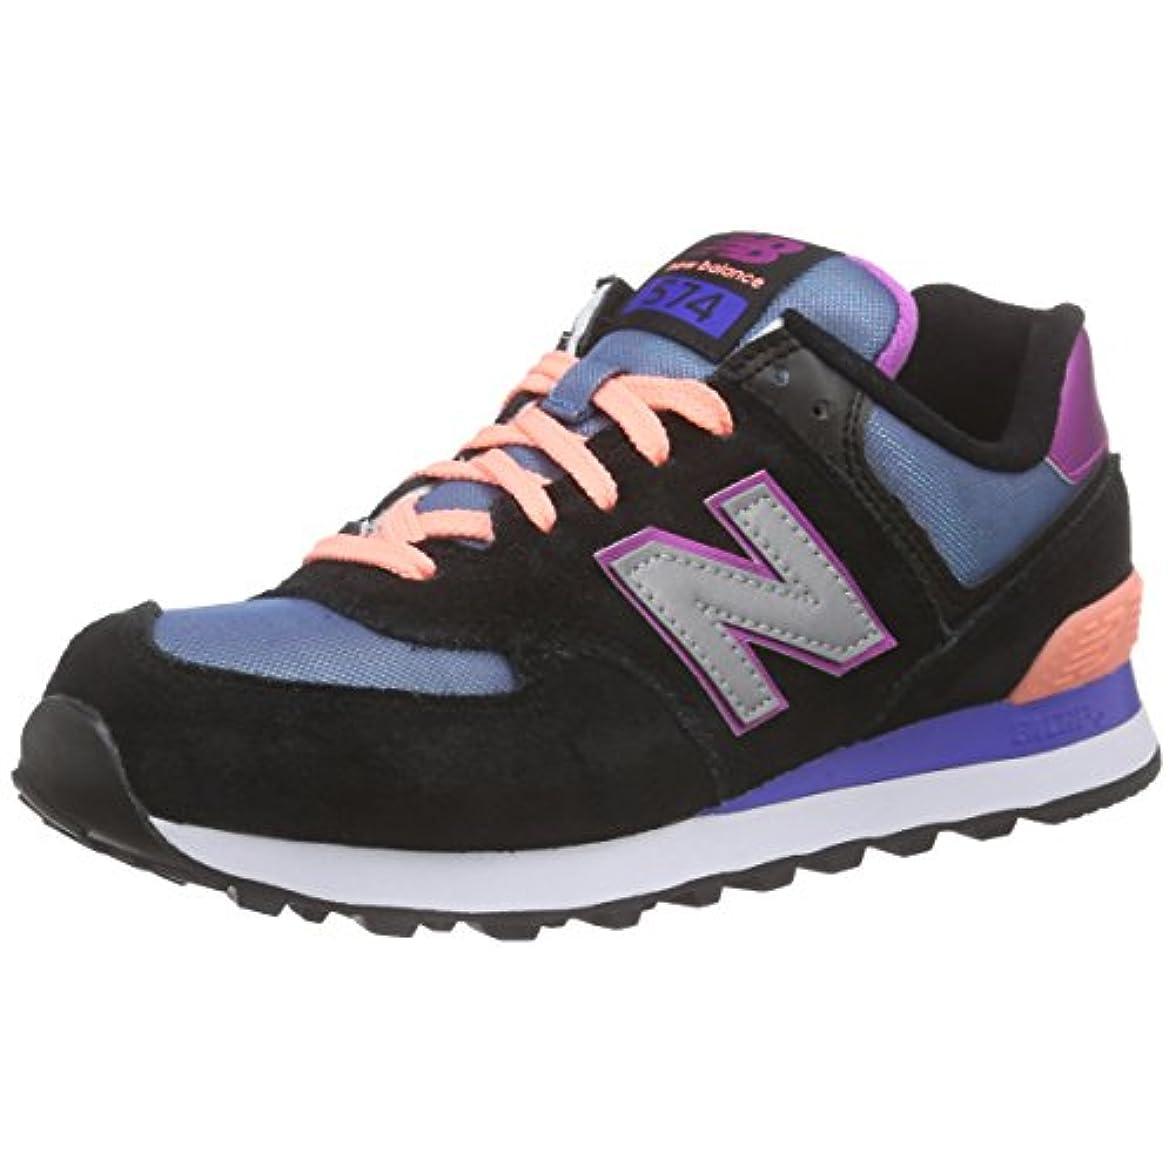 New Balance Nbwl574tpa Scarpe Da Ginnastica Donna